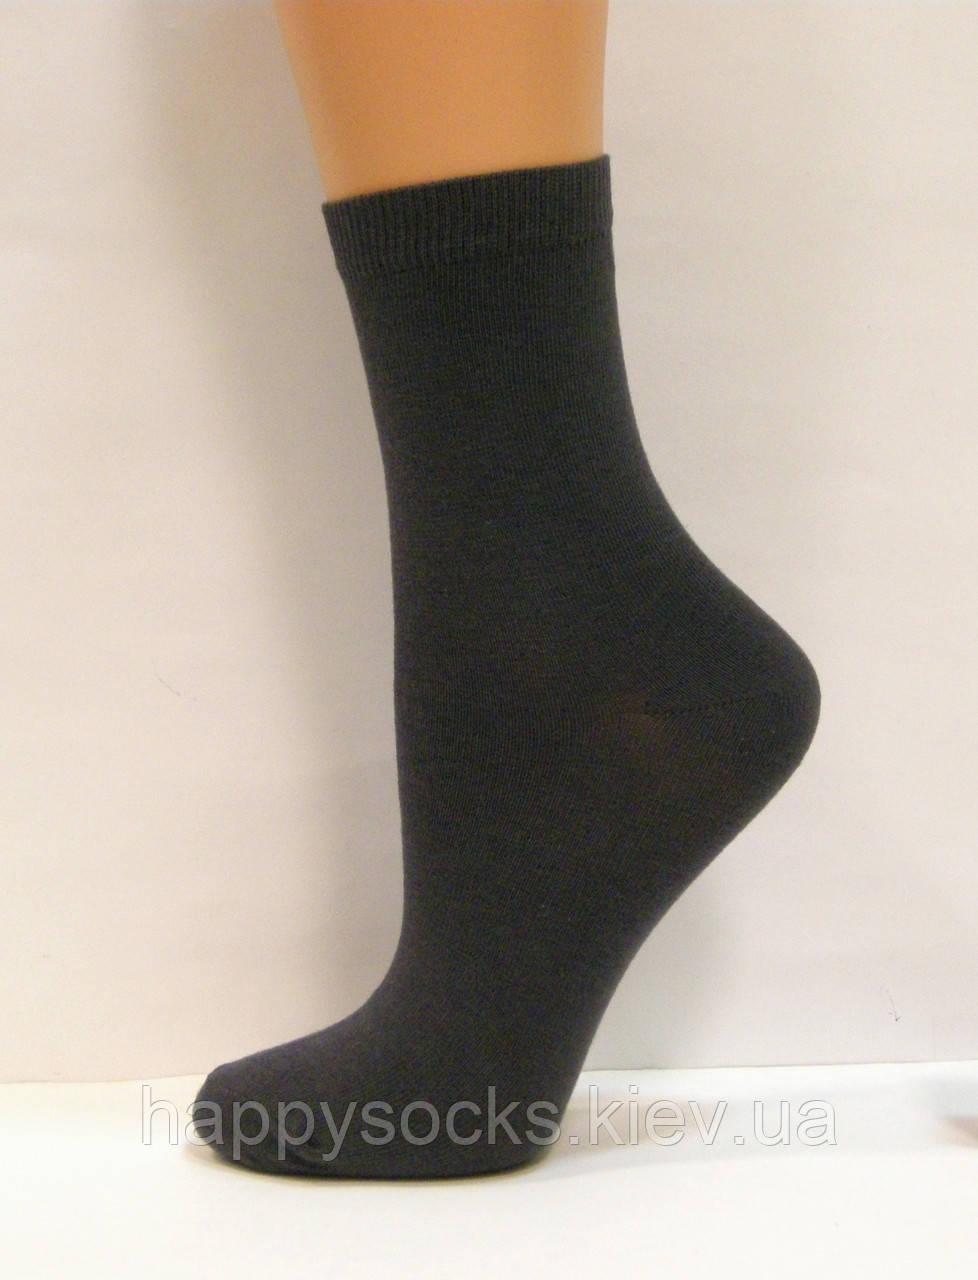 Хлопковые носки для мальчиков серого цвета 20см(30-32р)